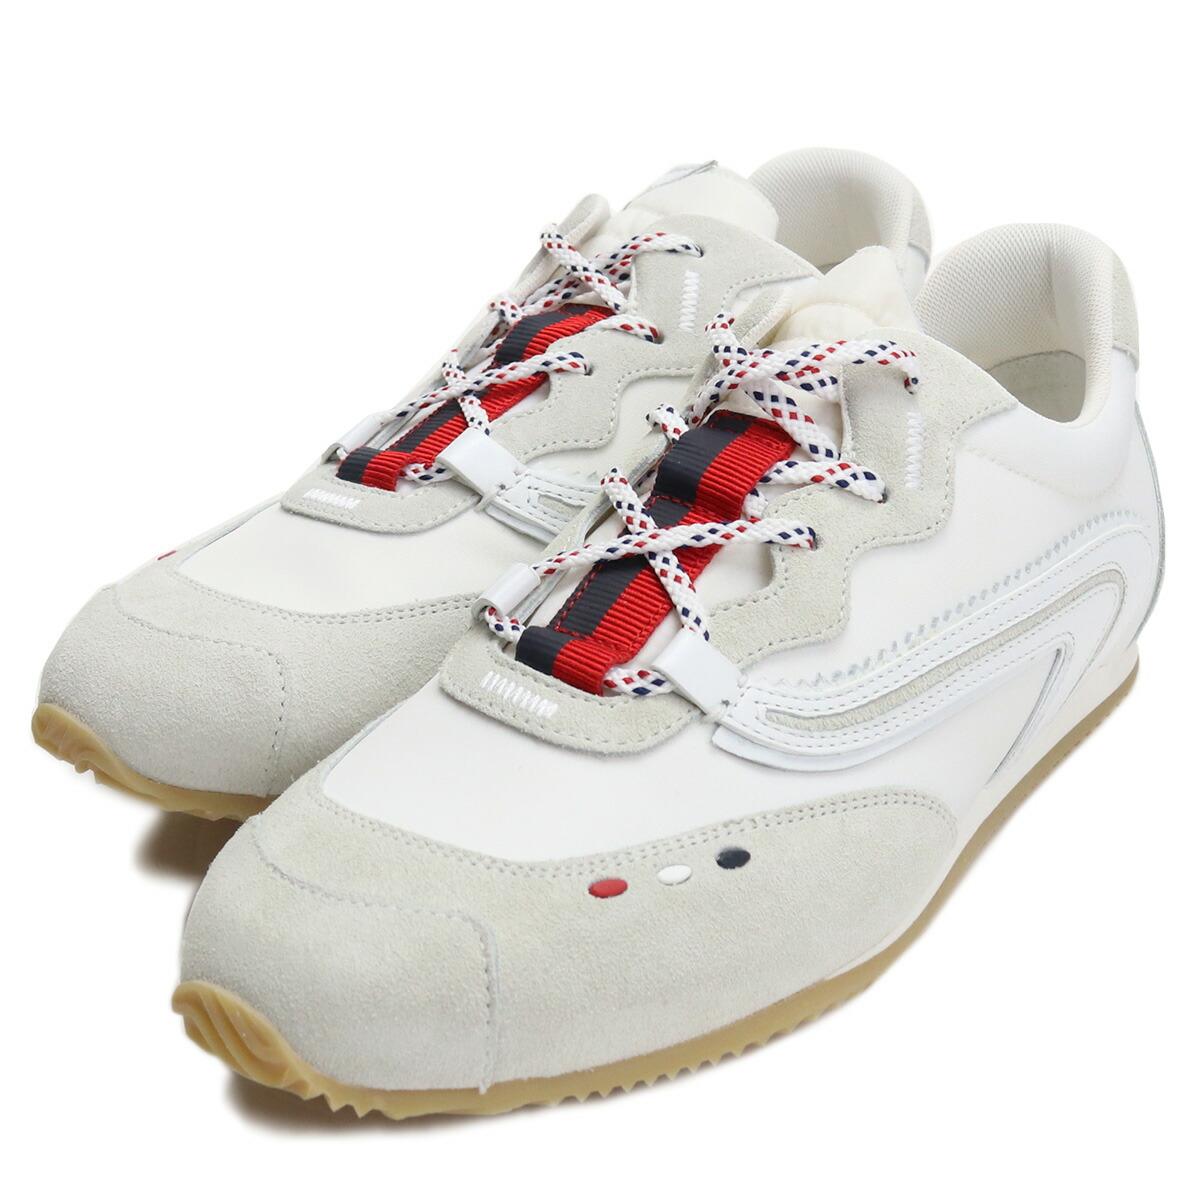 モンクレール MONCLER  メンズスニーカー ブランドスニーカー 白スニーカー ブランドロゴ 4M70300 02SMZ 001 ホワイト系 bos-10 shoes-01